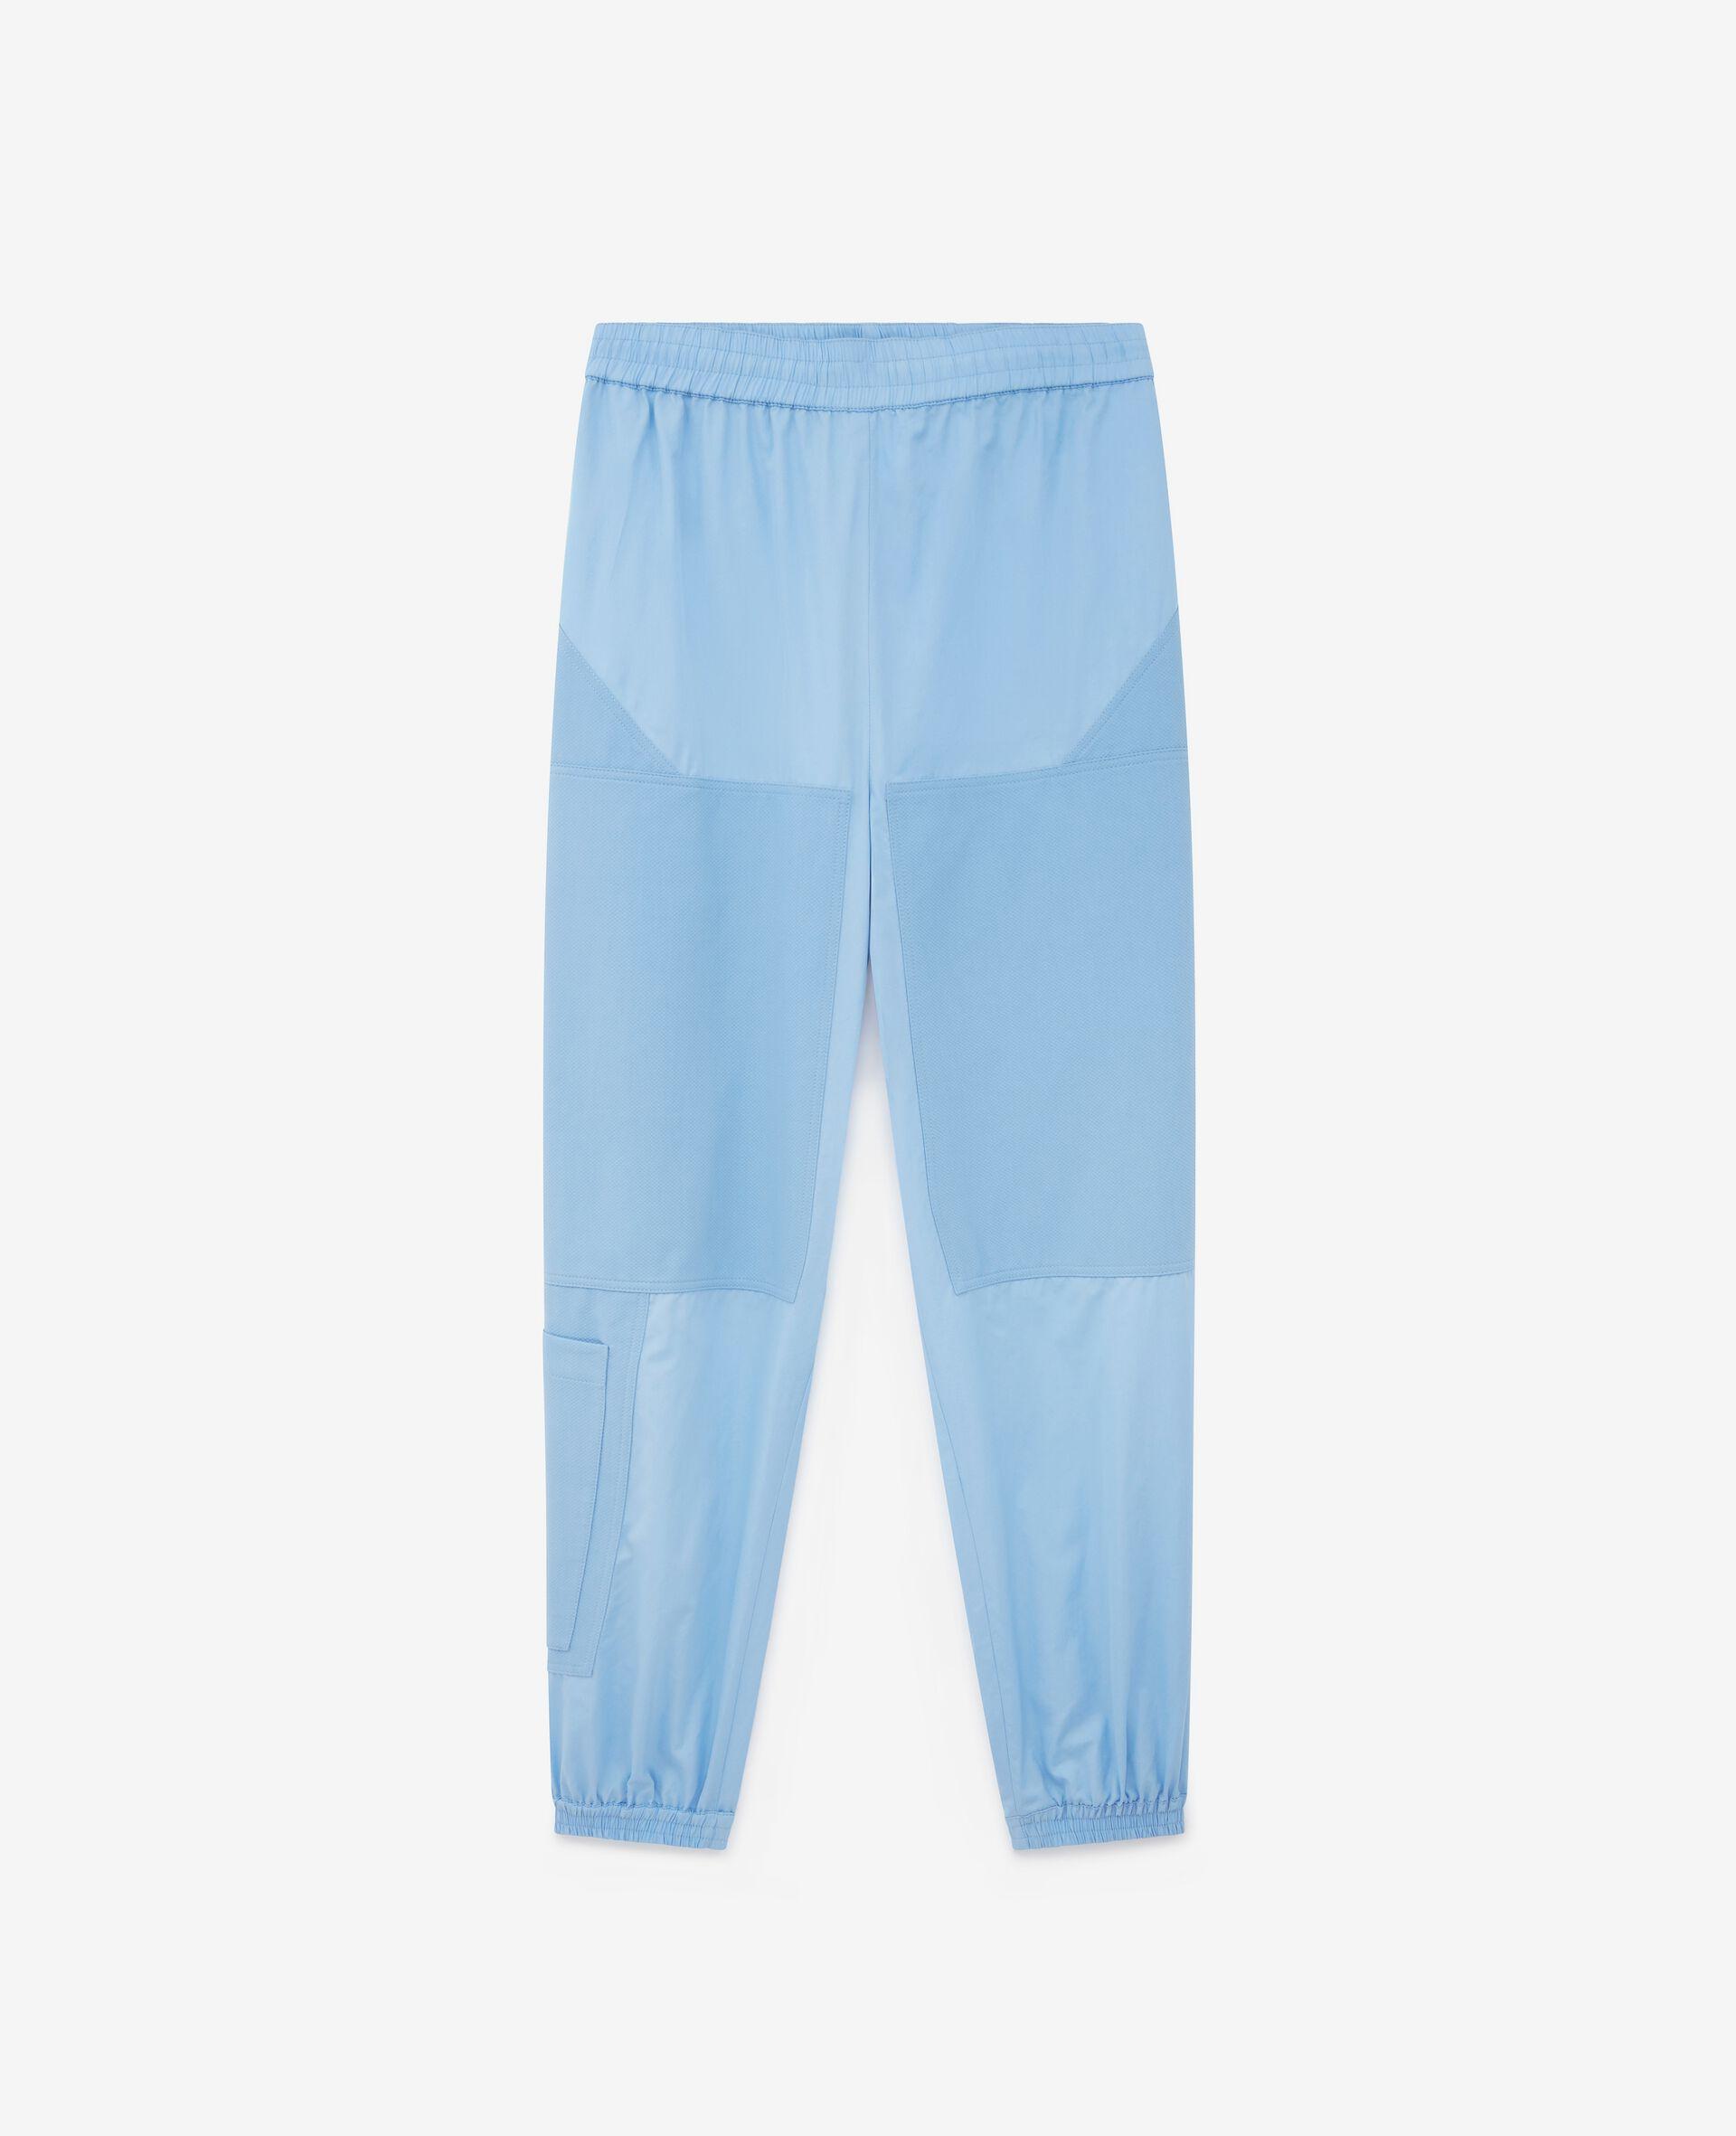 Kara Pants-Blue-large image number 0